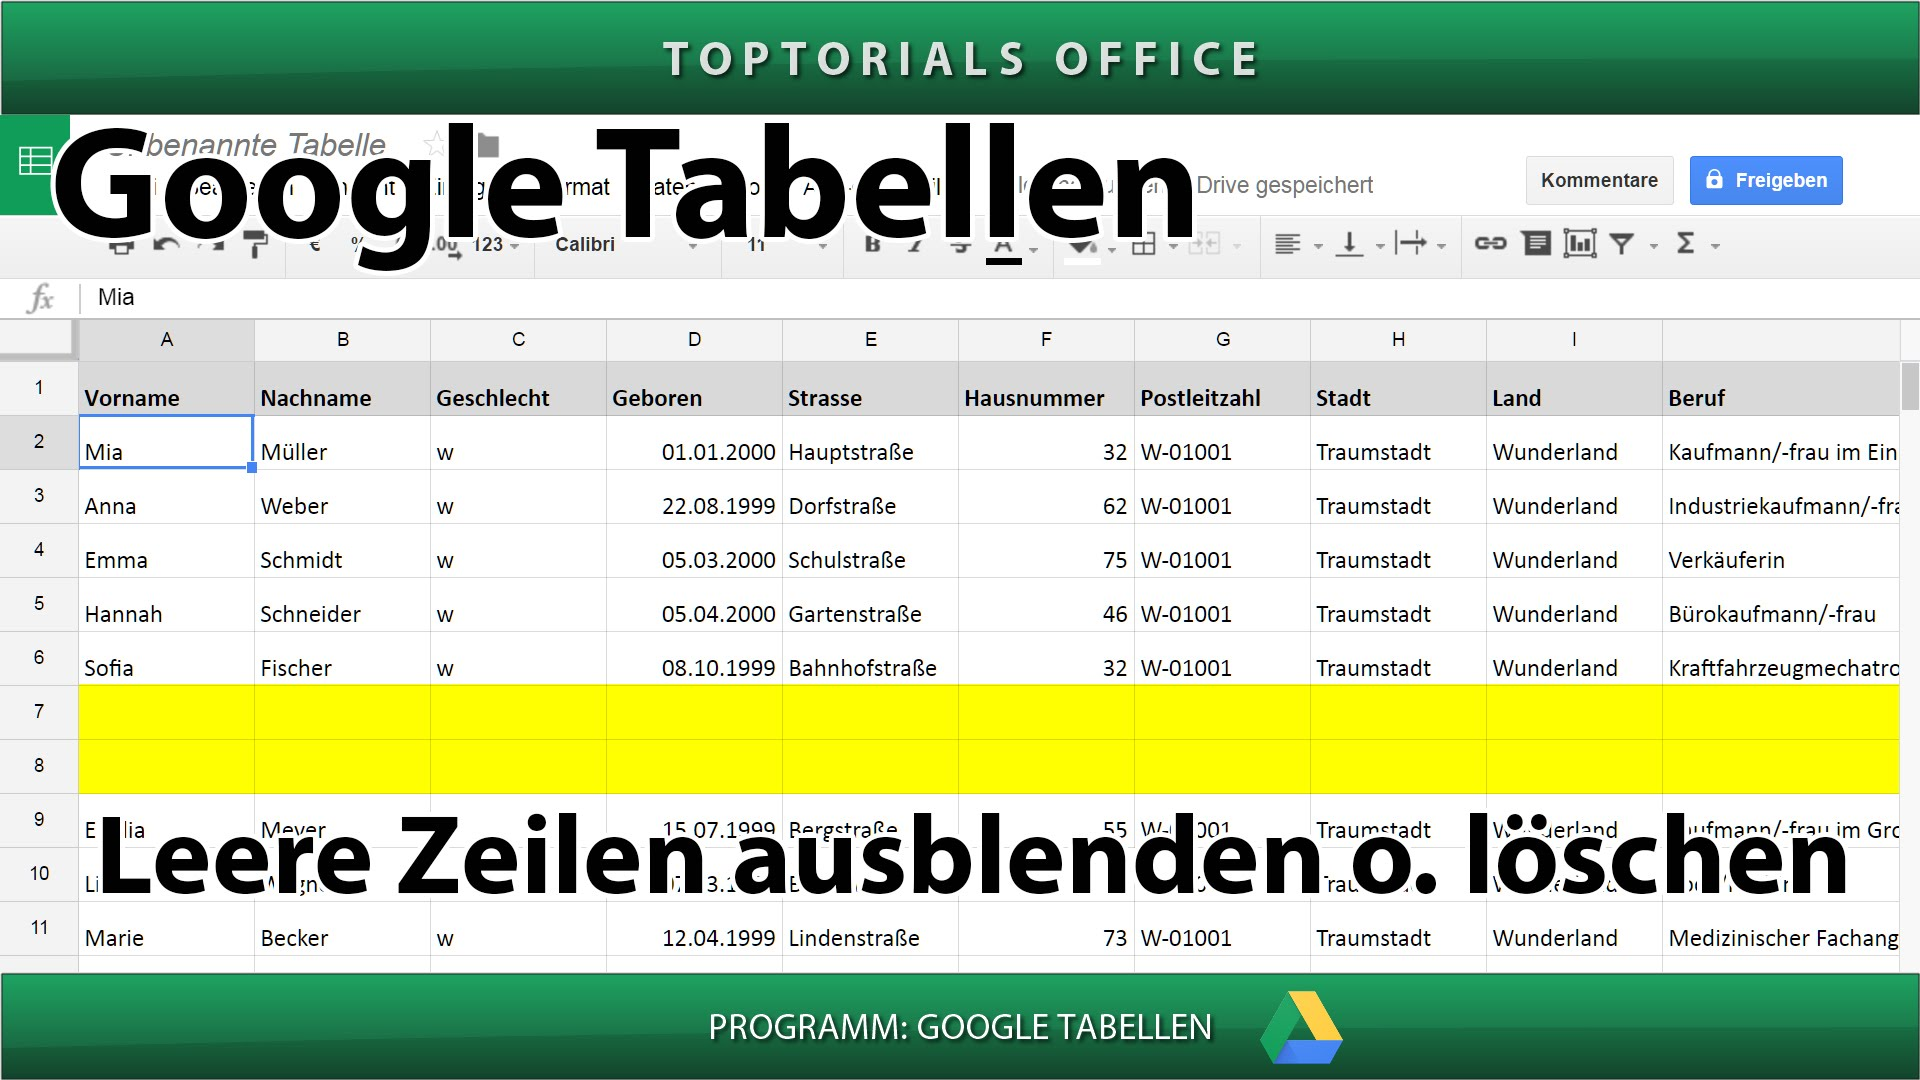 Leere Zeilen löschen oder ausblenden (Google Tabellen) - TOPTORIALS